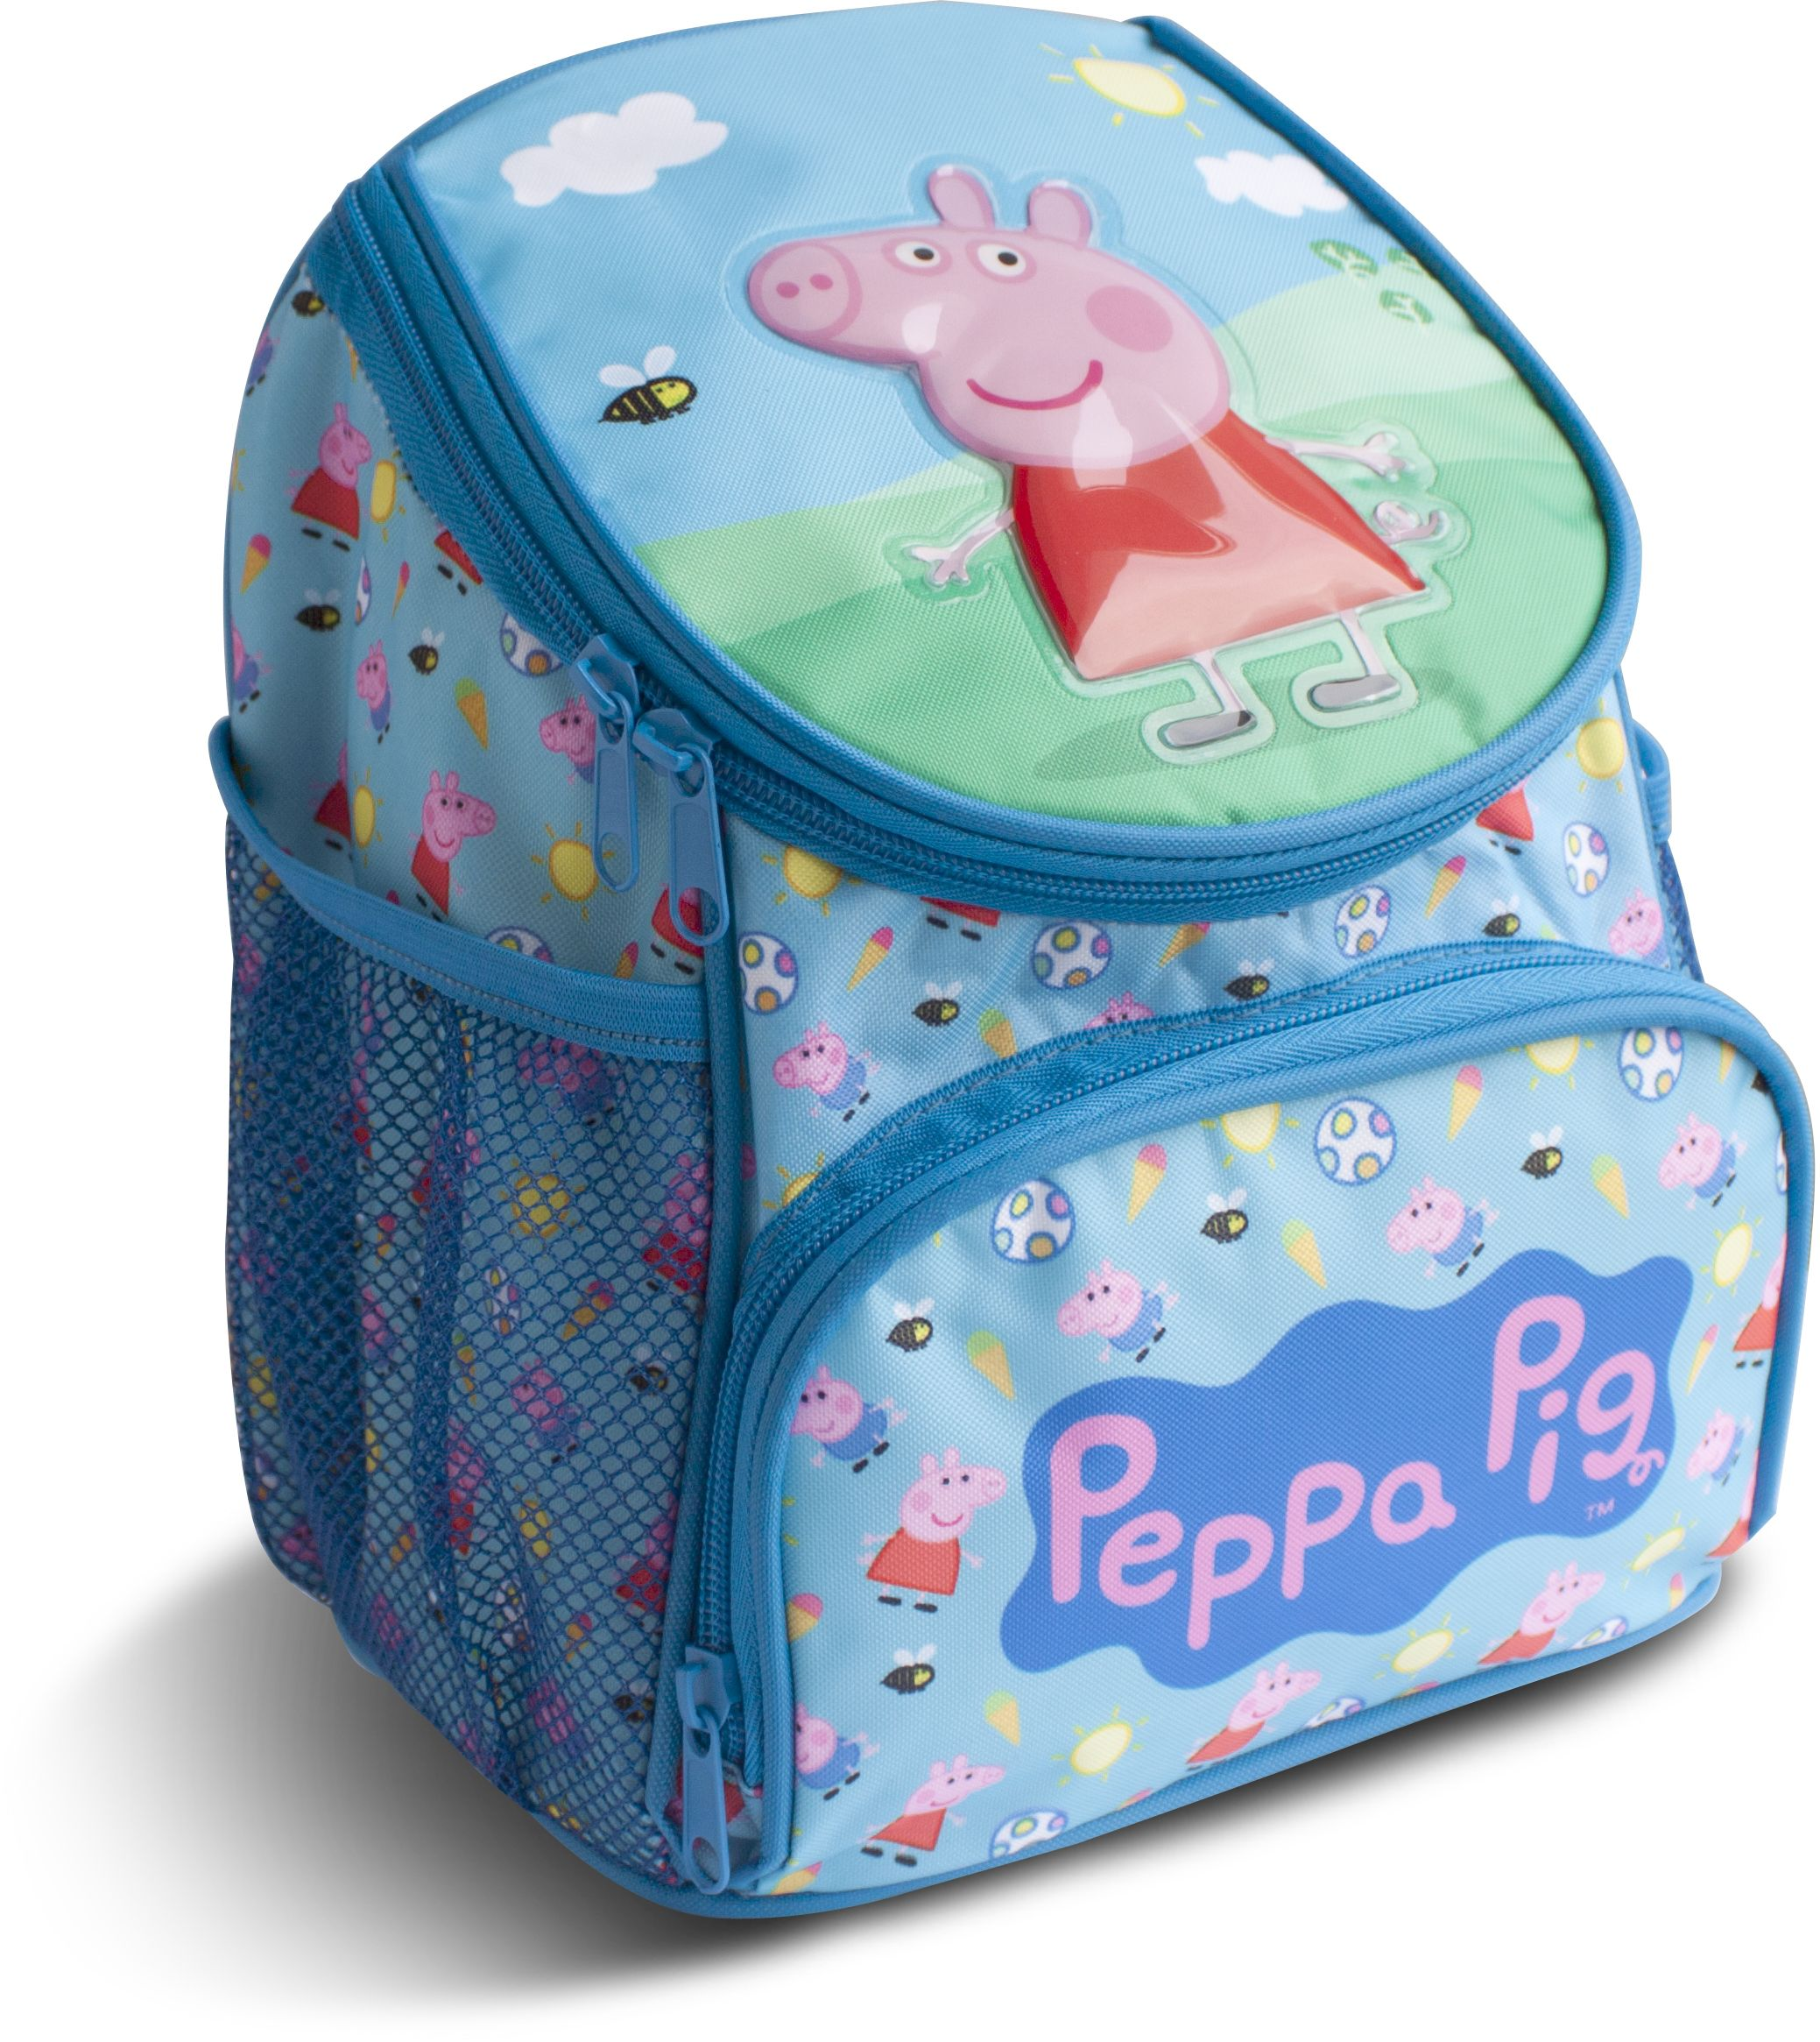 Рюкзачок увеличенный Свинка ПеппаДетские рюкзаки<br>Рюкзачок увеличенный Свинка Пеппа<br>